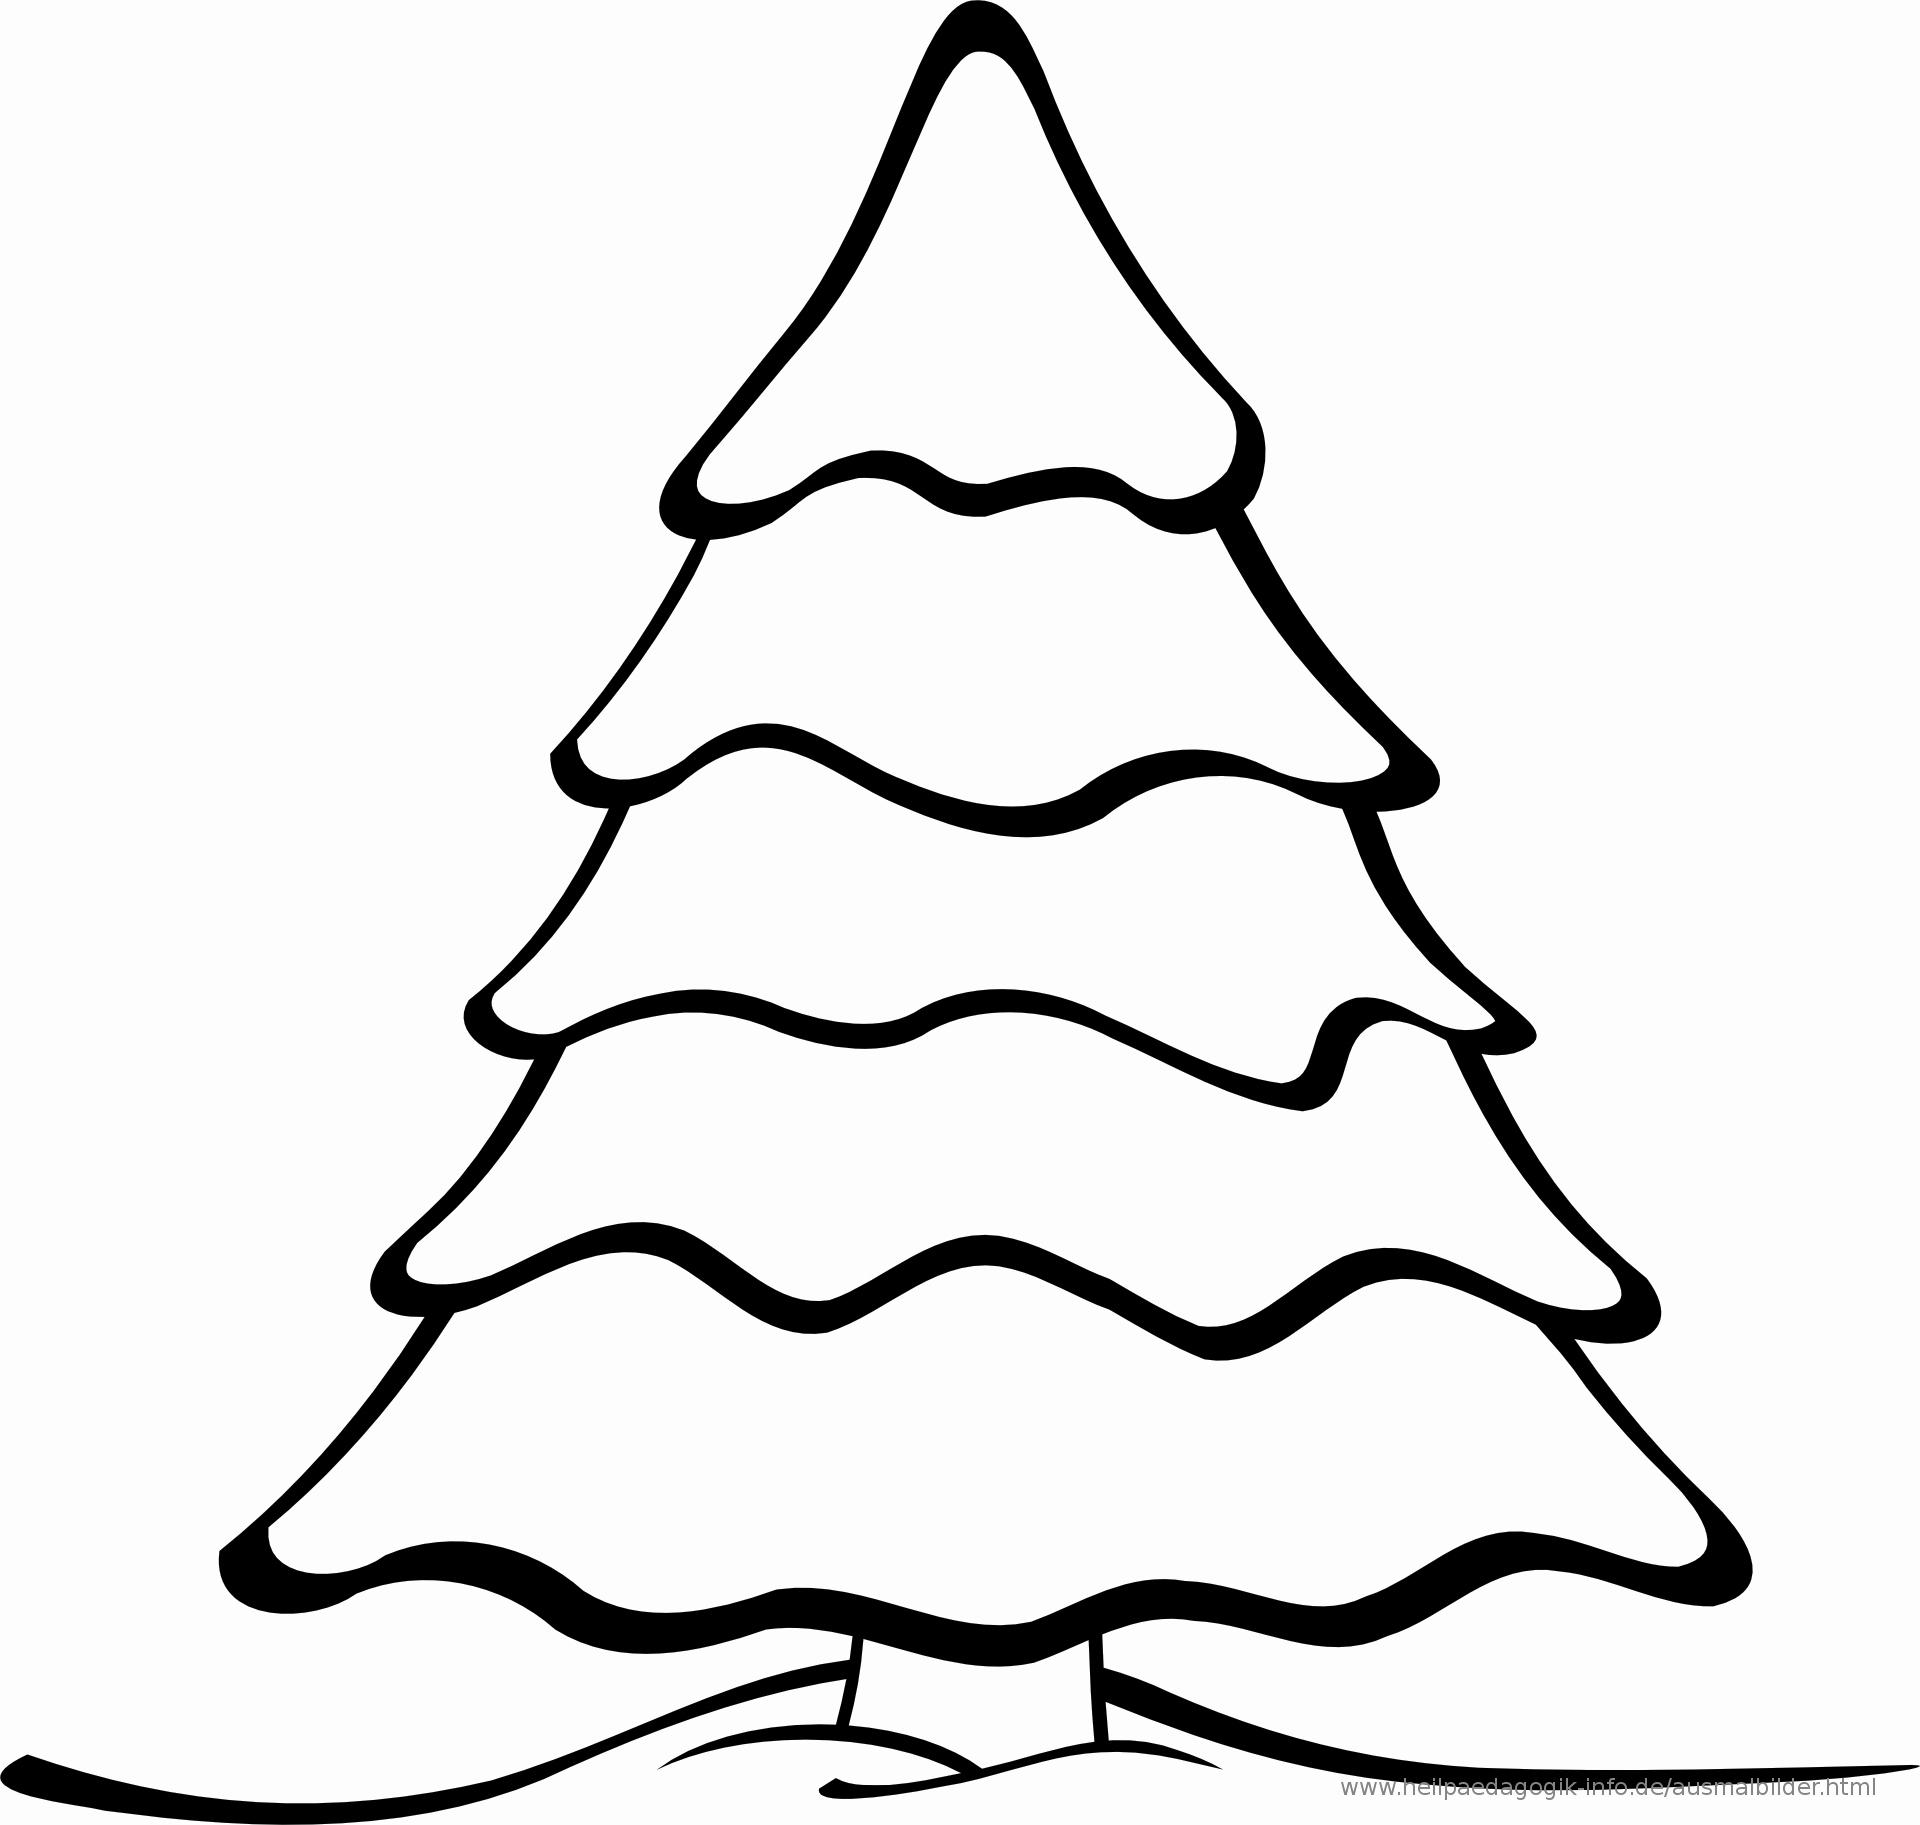 Malvorlagen Weihnachten Zum Ausdrucken - kinderbilder